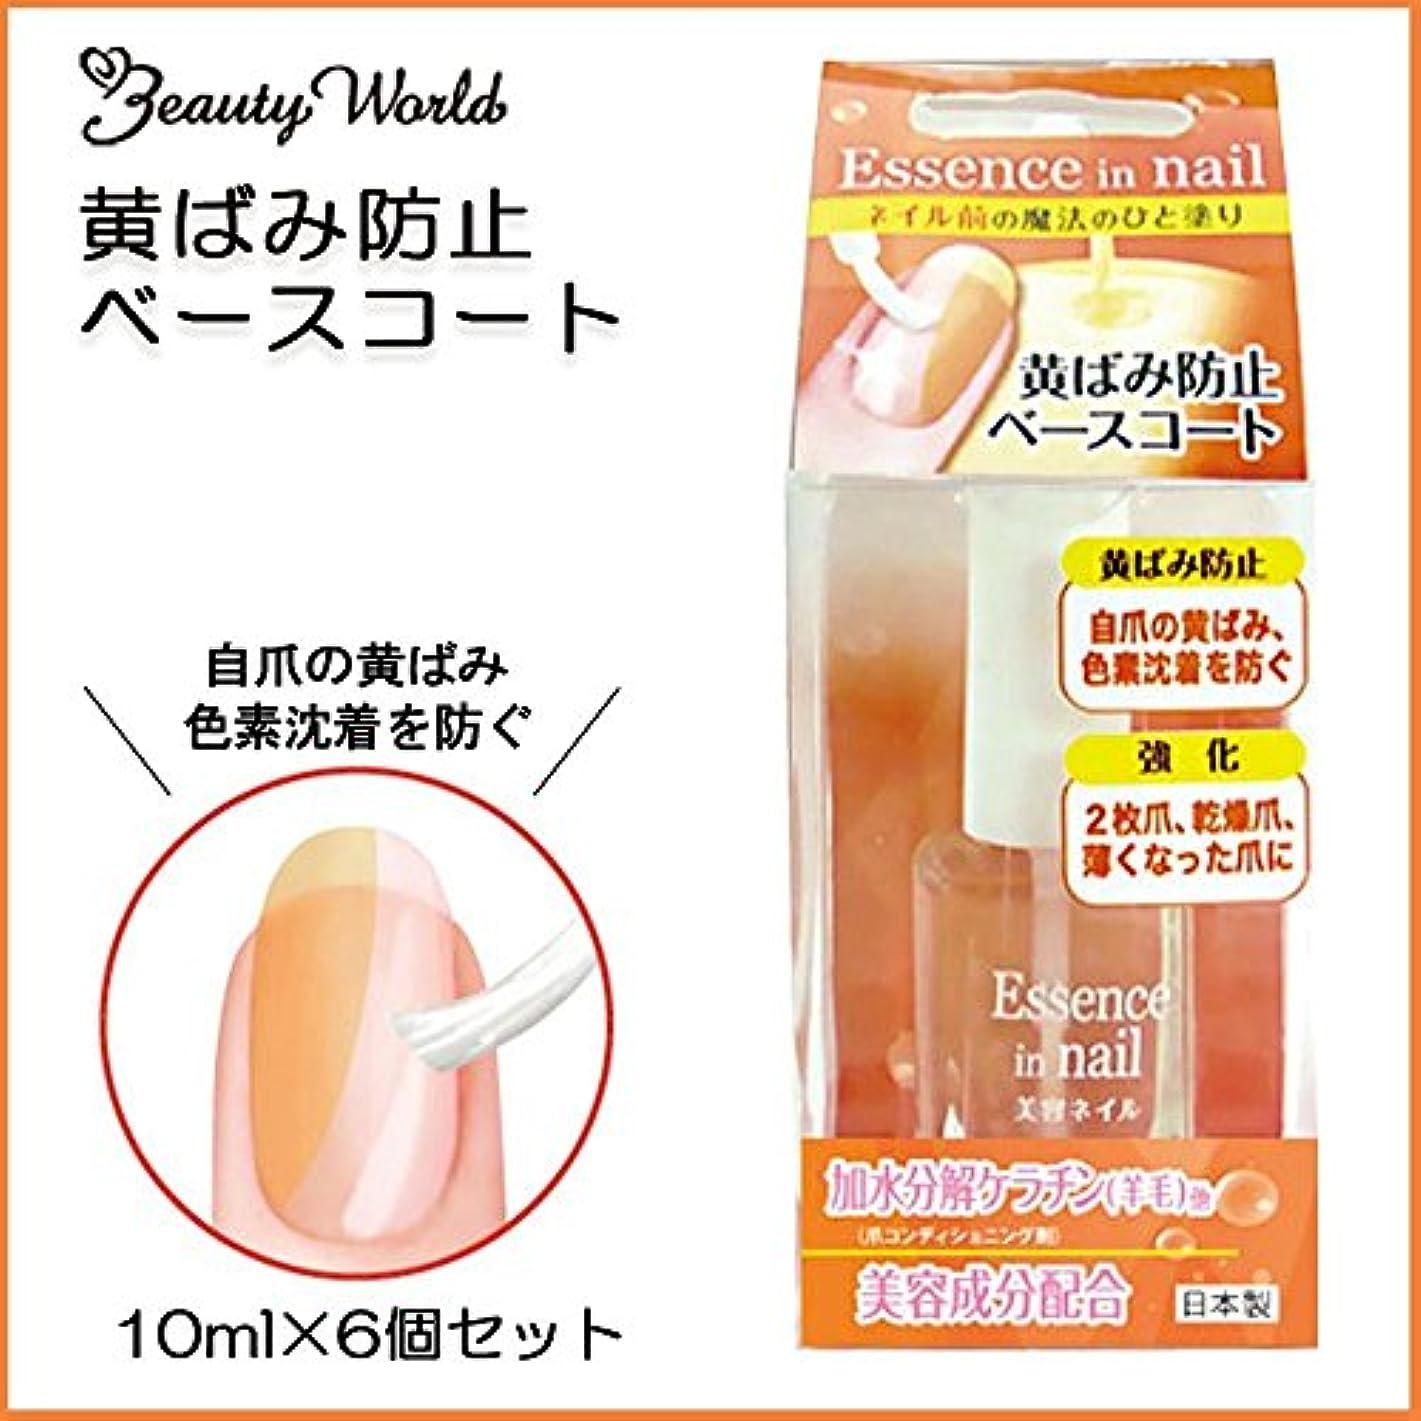 咽頭付ける面ビューティーワールド 黄ばみ防止ベースコート 10ml BTN582 6個セット